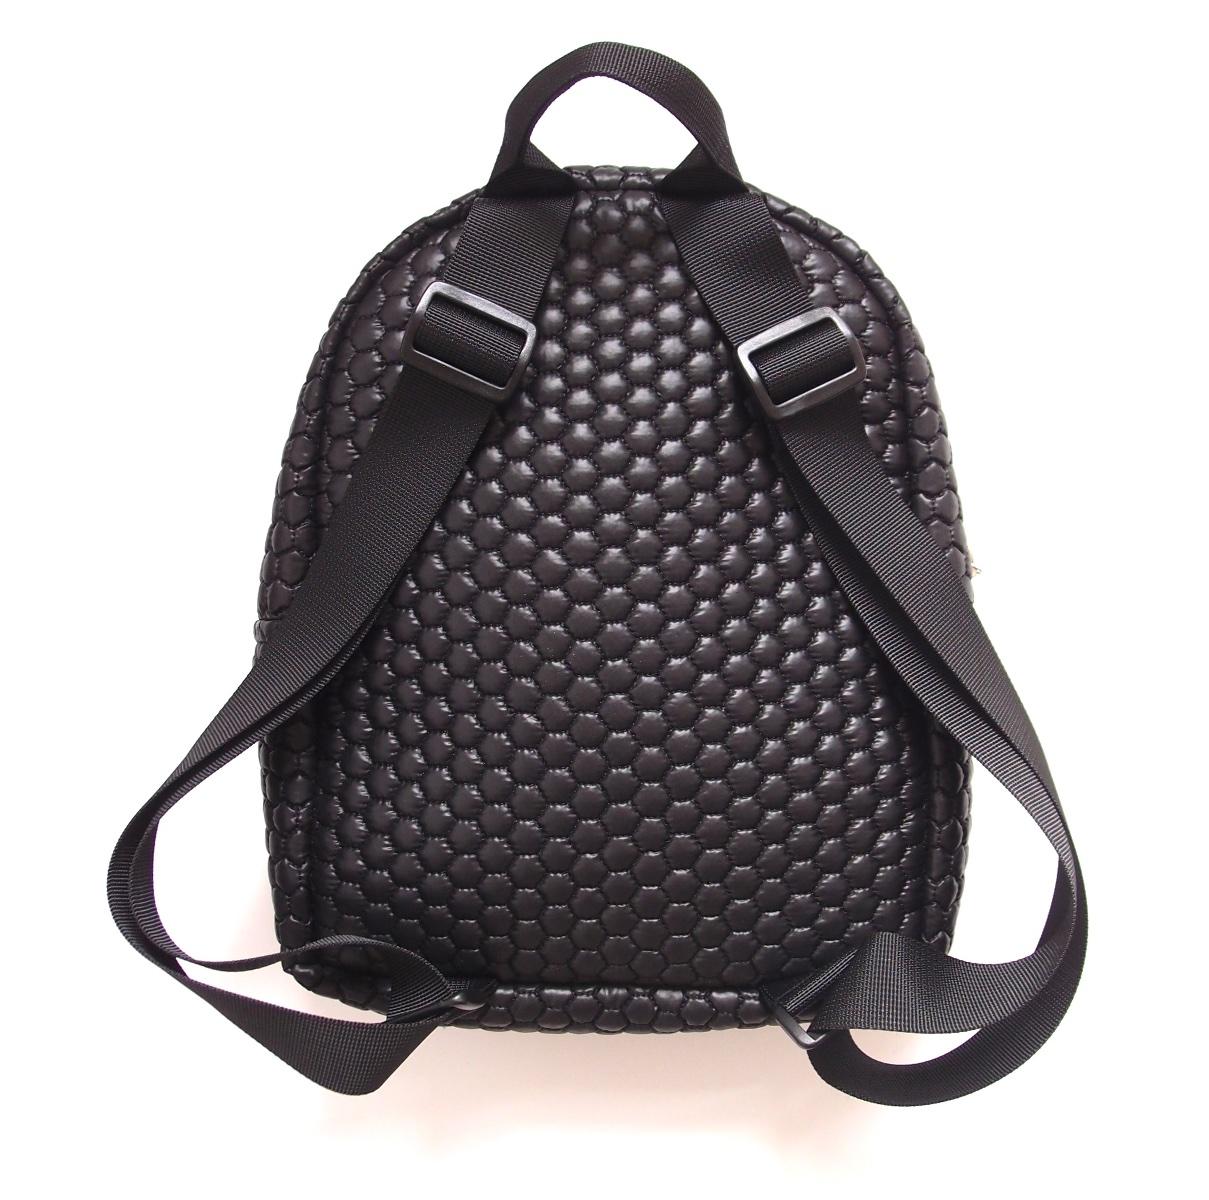 kliknutít zobrazíte maximální velikost obrázku batôžtek Black Comb